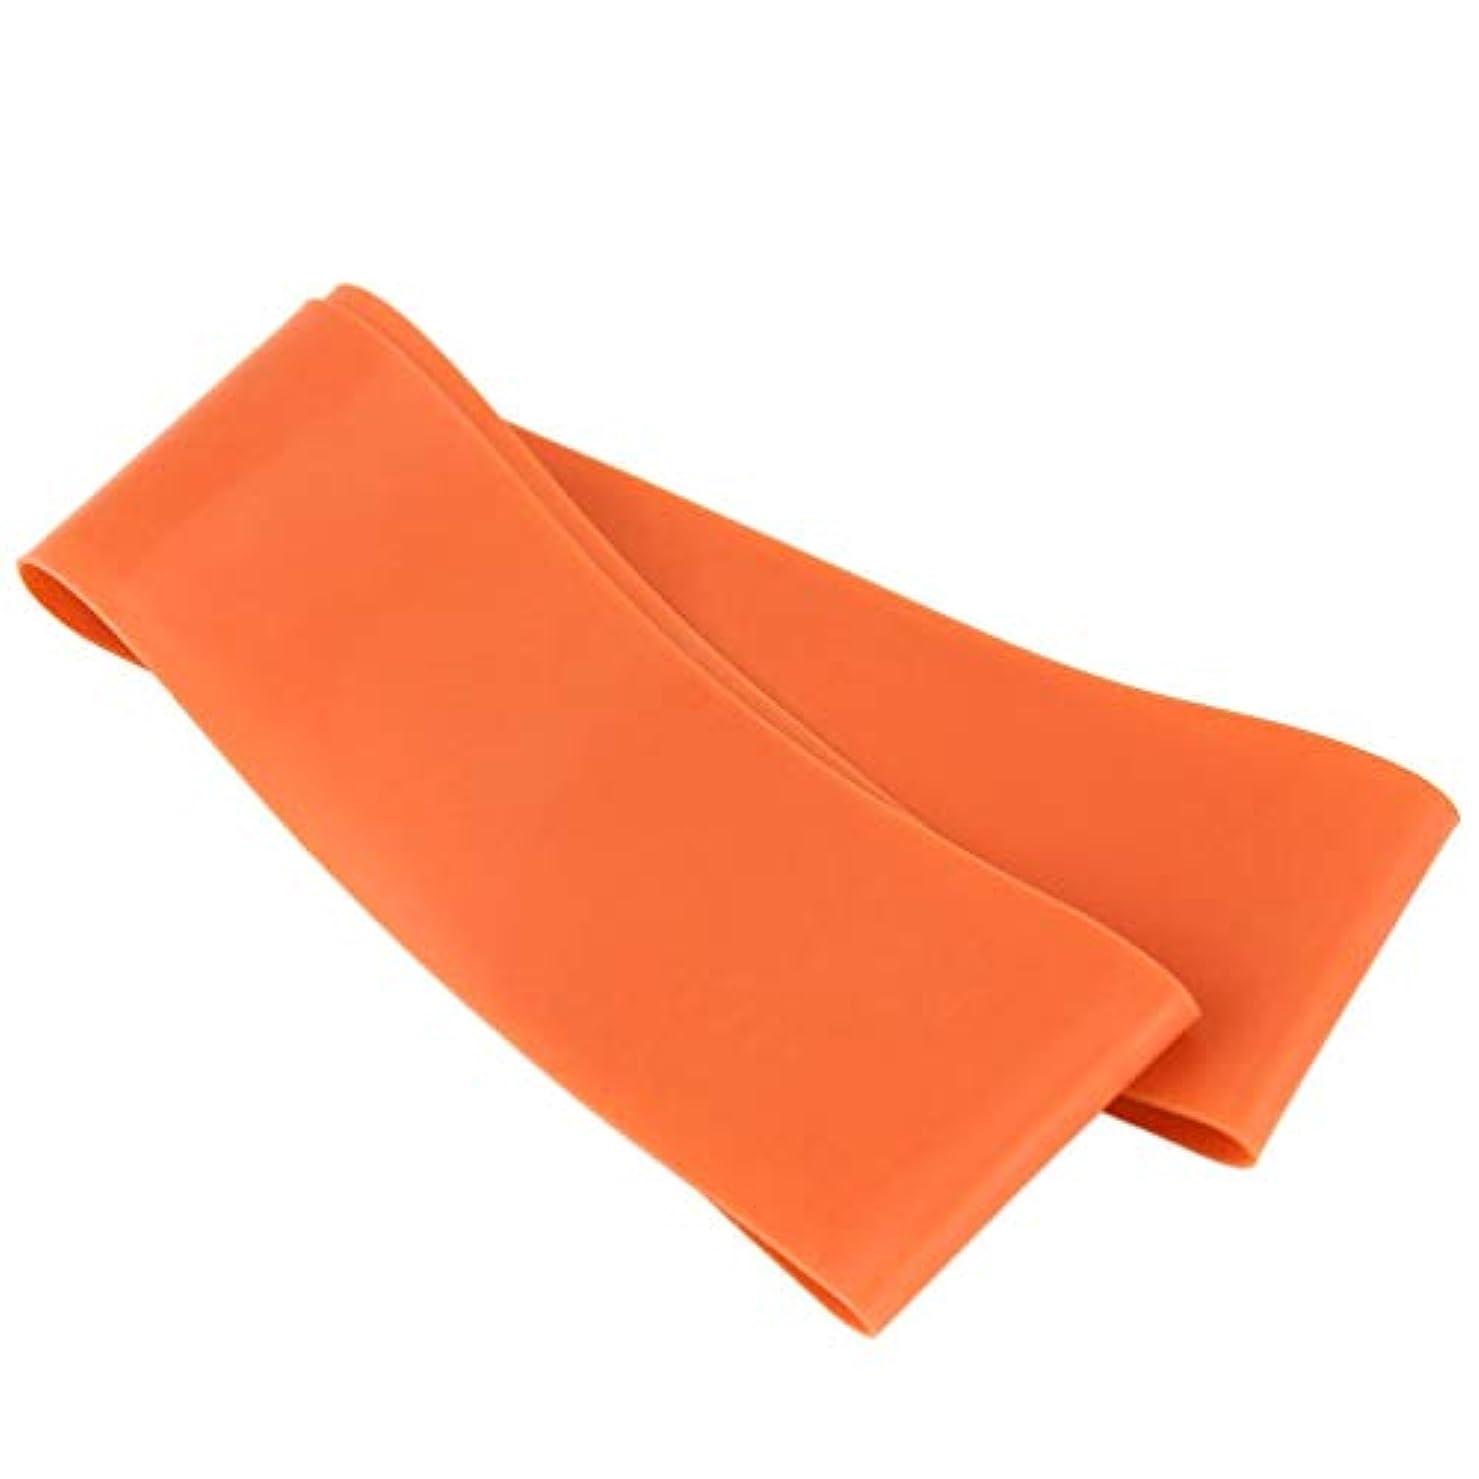 ノーブル弁護膨張する滑り止めの伸縮性のあるゴム製伸縮性がある伸縮性があるヨガベルトバンド引きロープの張力抵抗バンドループ強度のためのフィットネスヨガツール - オレンジ